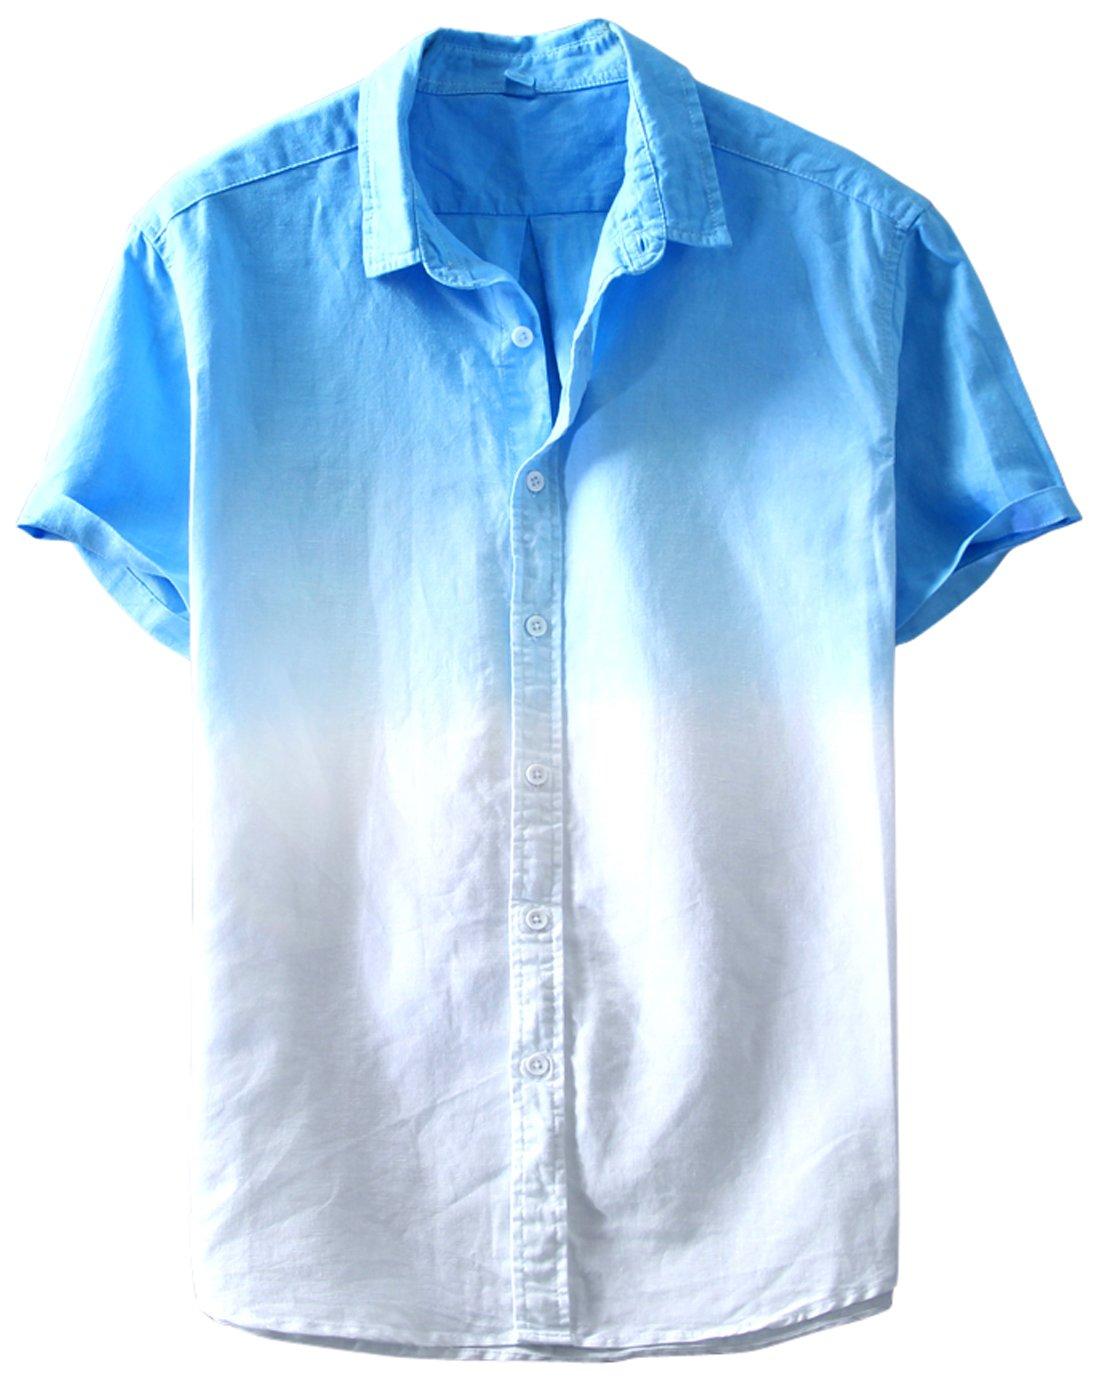 Chouyatou Men's Summer Basic Collar Standard Fit Gradient Short Sleeve Linen Shirts (Medium, Blue-White)